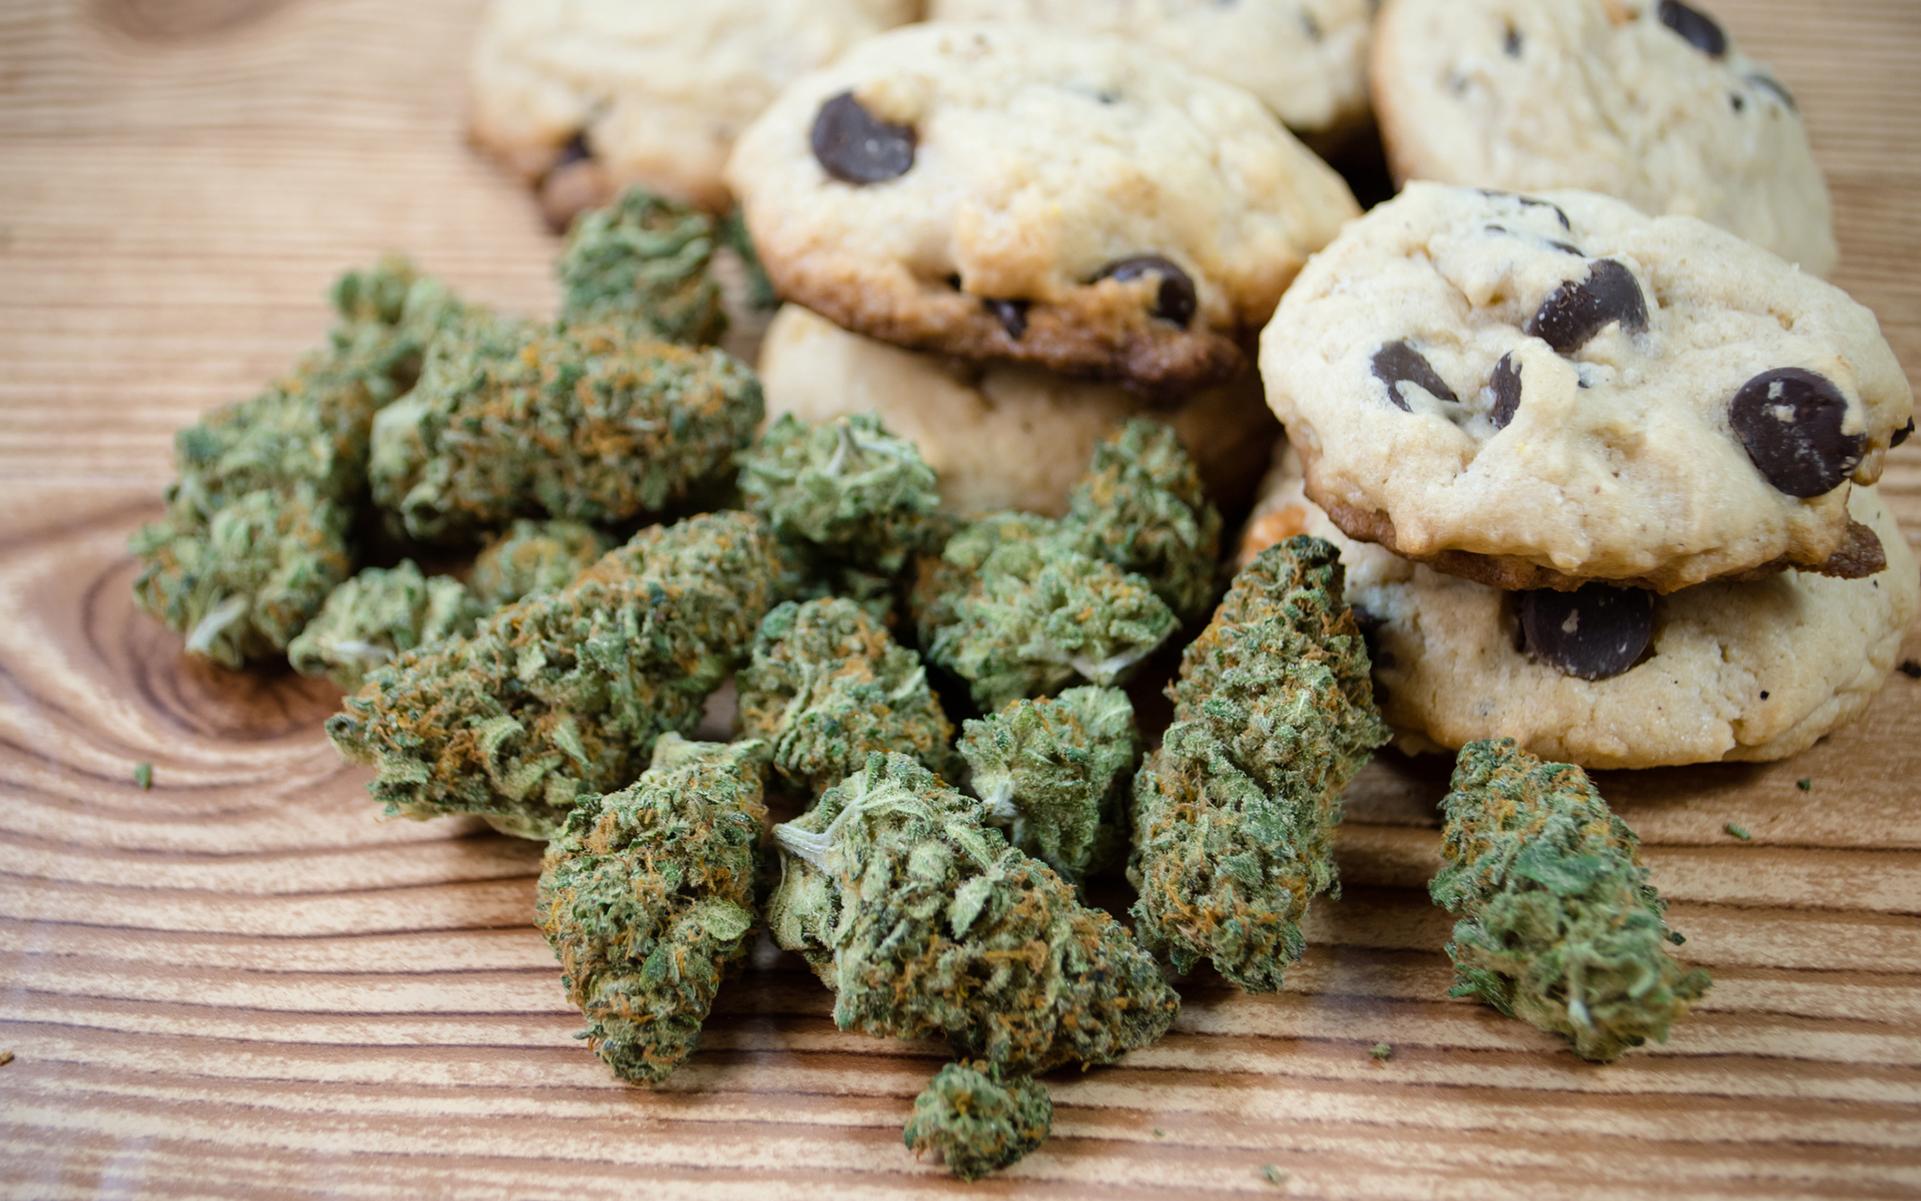 Recetas 4/20:  Aprende a cocinar galletas de avena, chocolate y marihuana